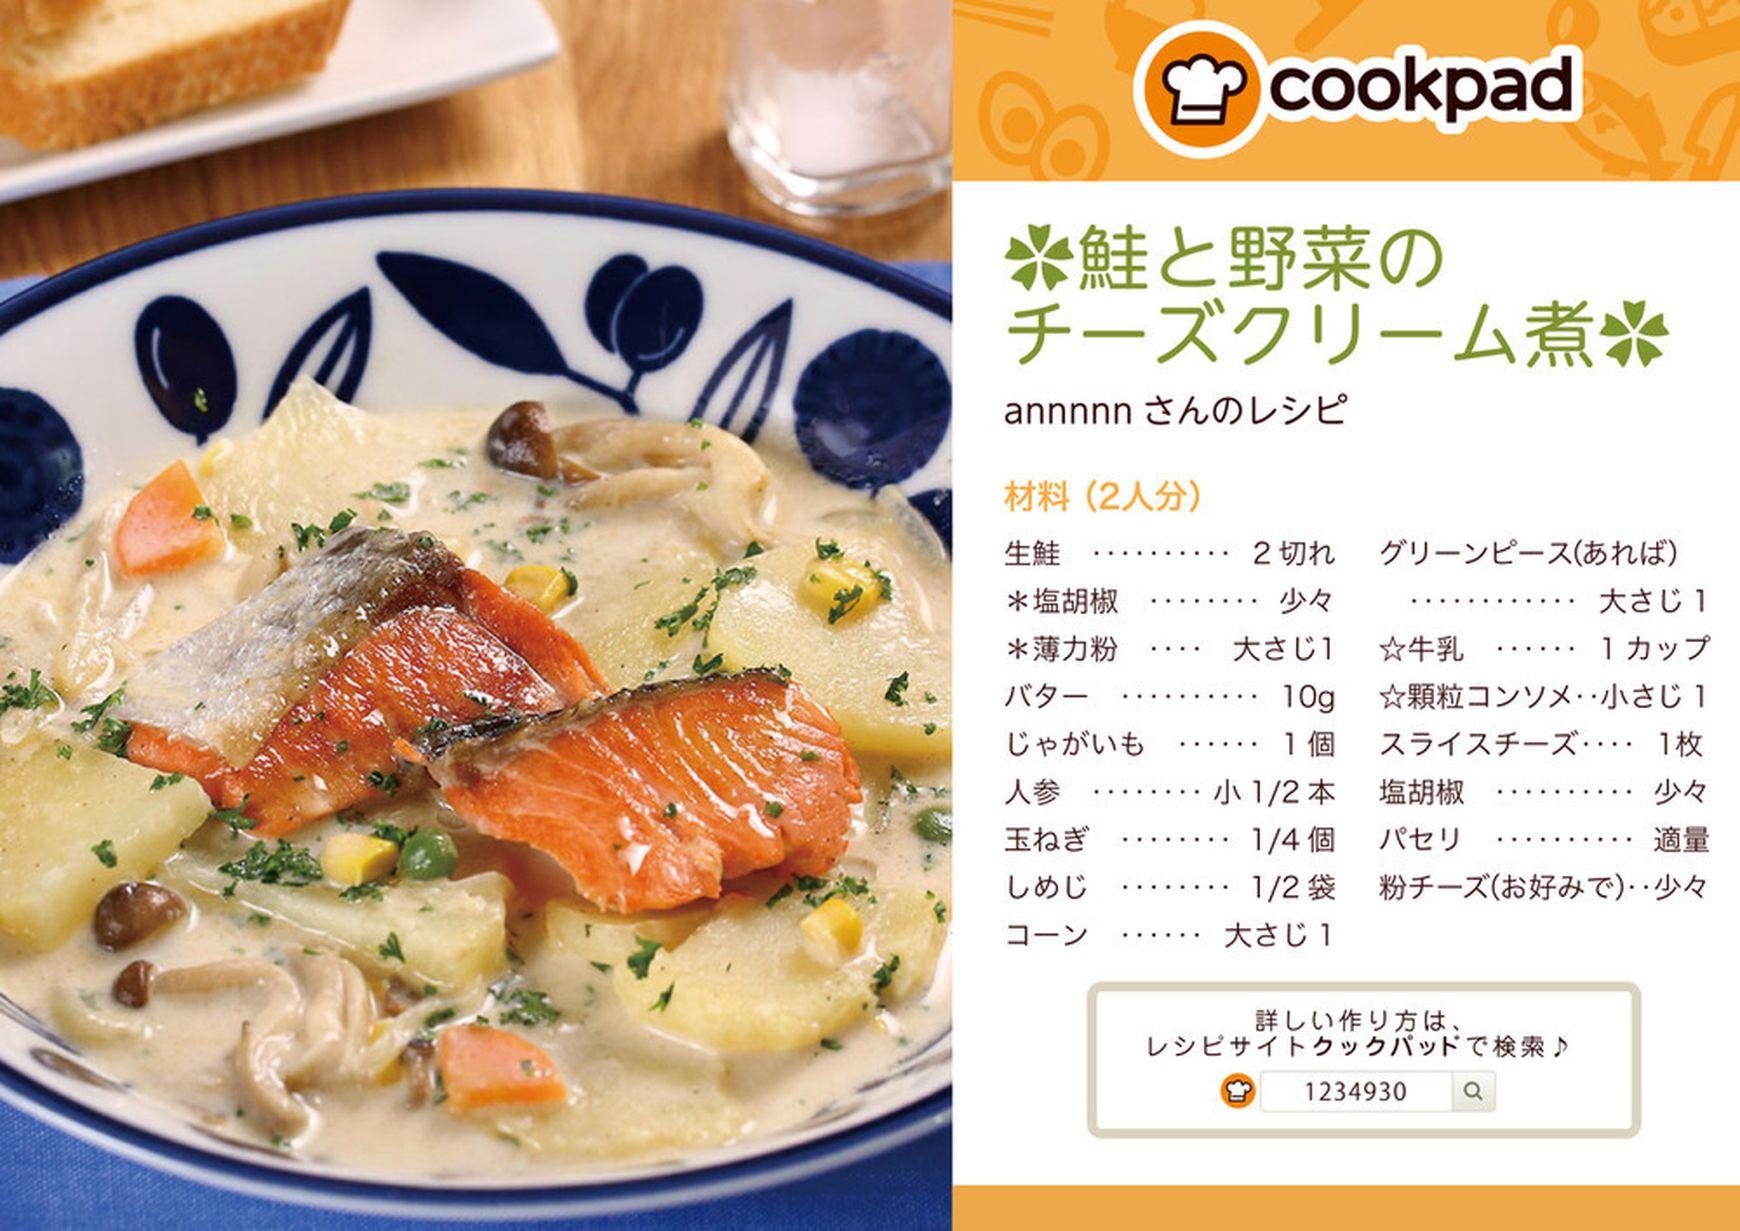 鮭と野菜のチーズクリーム煮